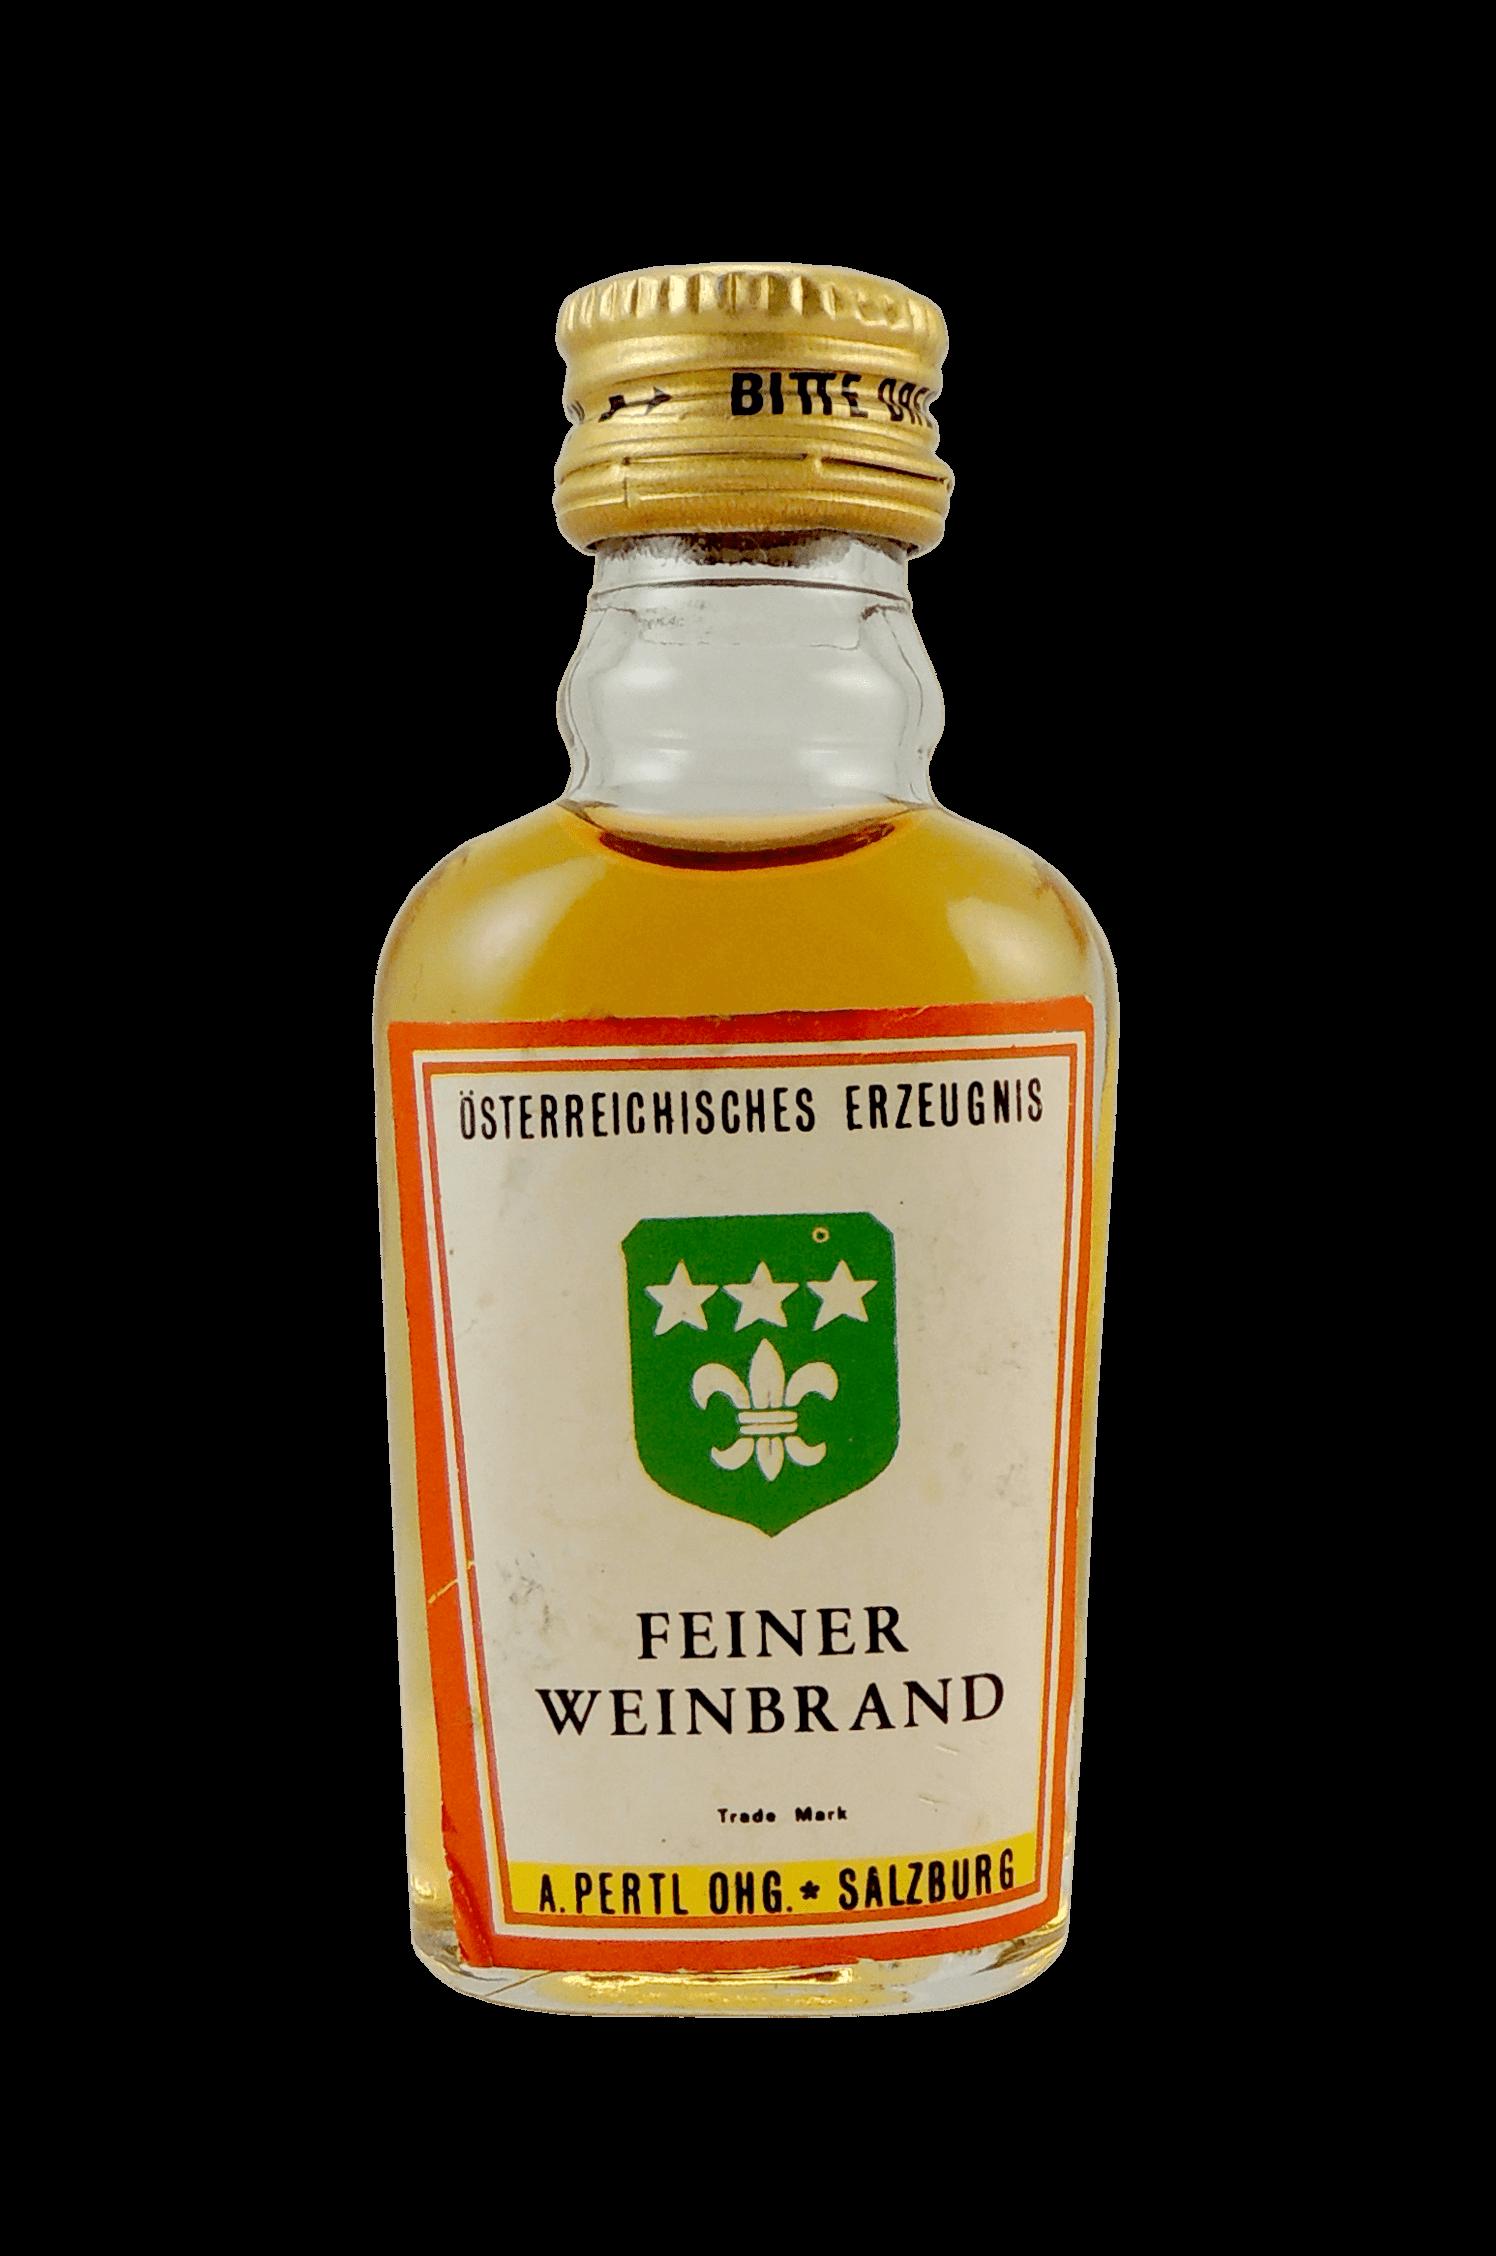 Feiner Weinbrand